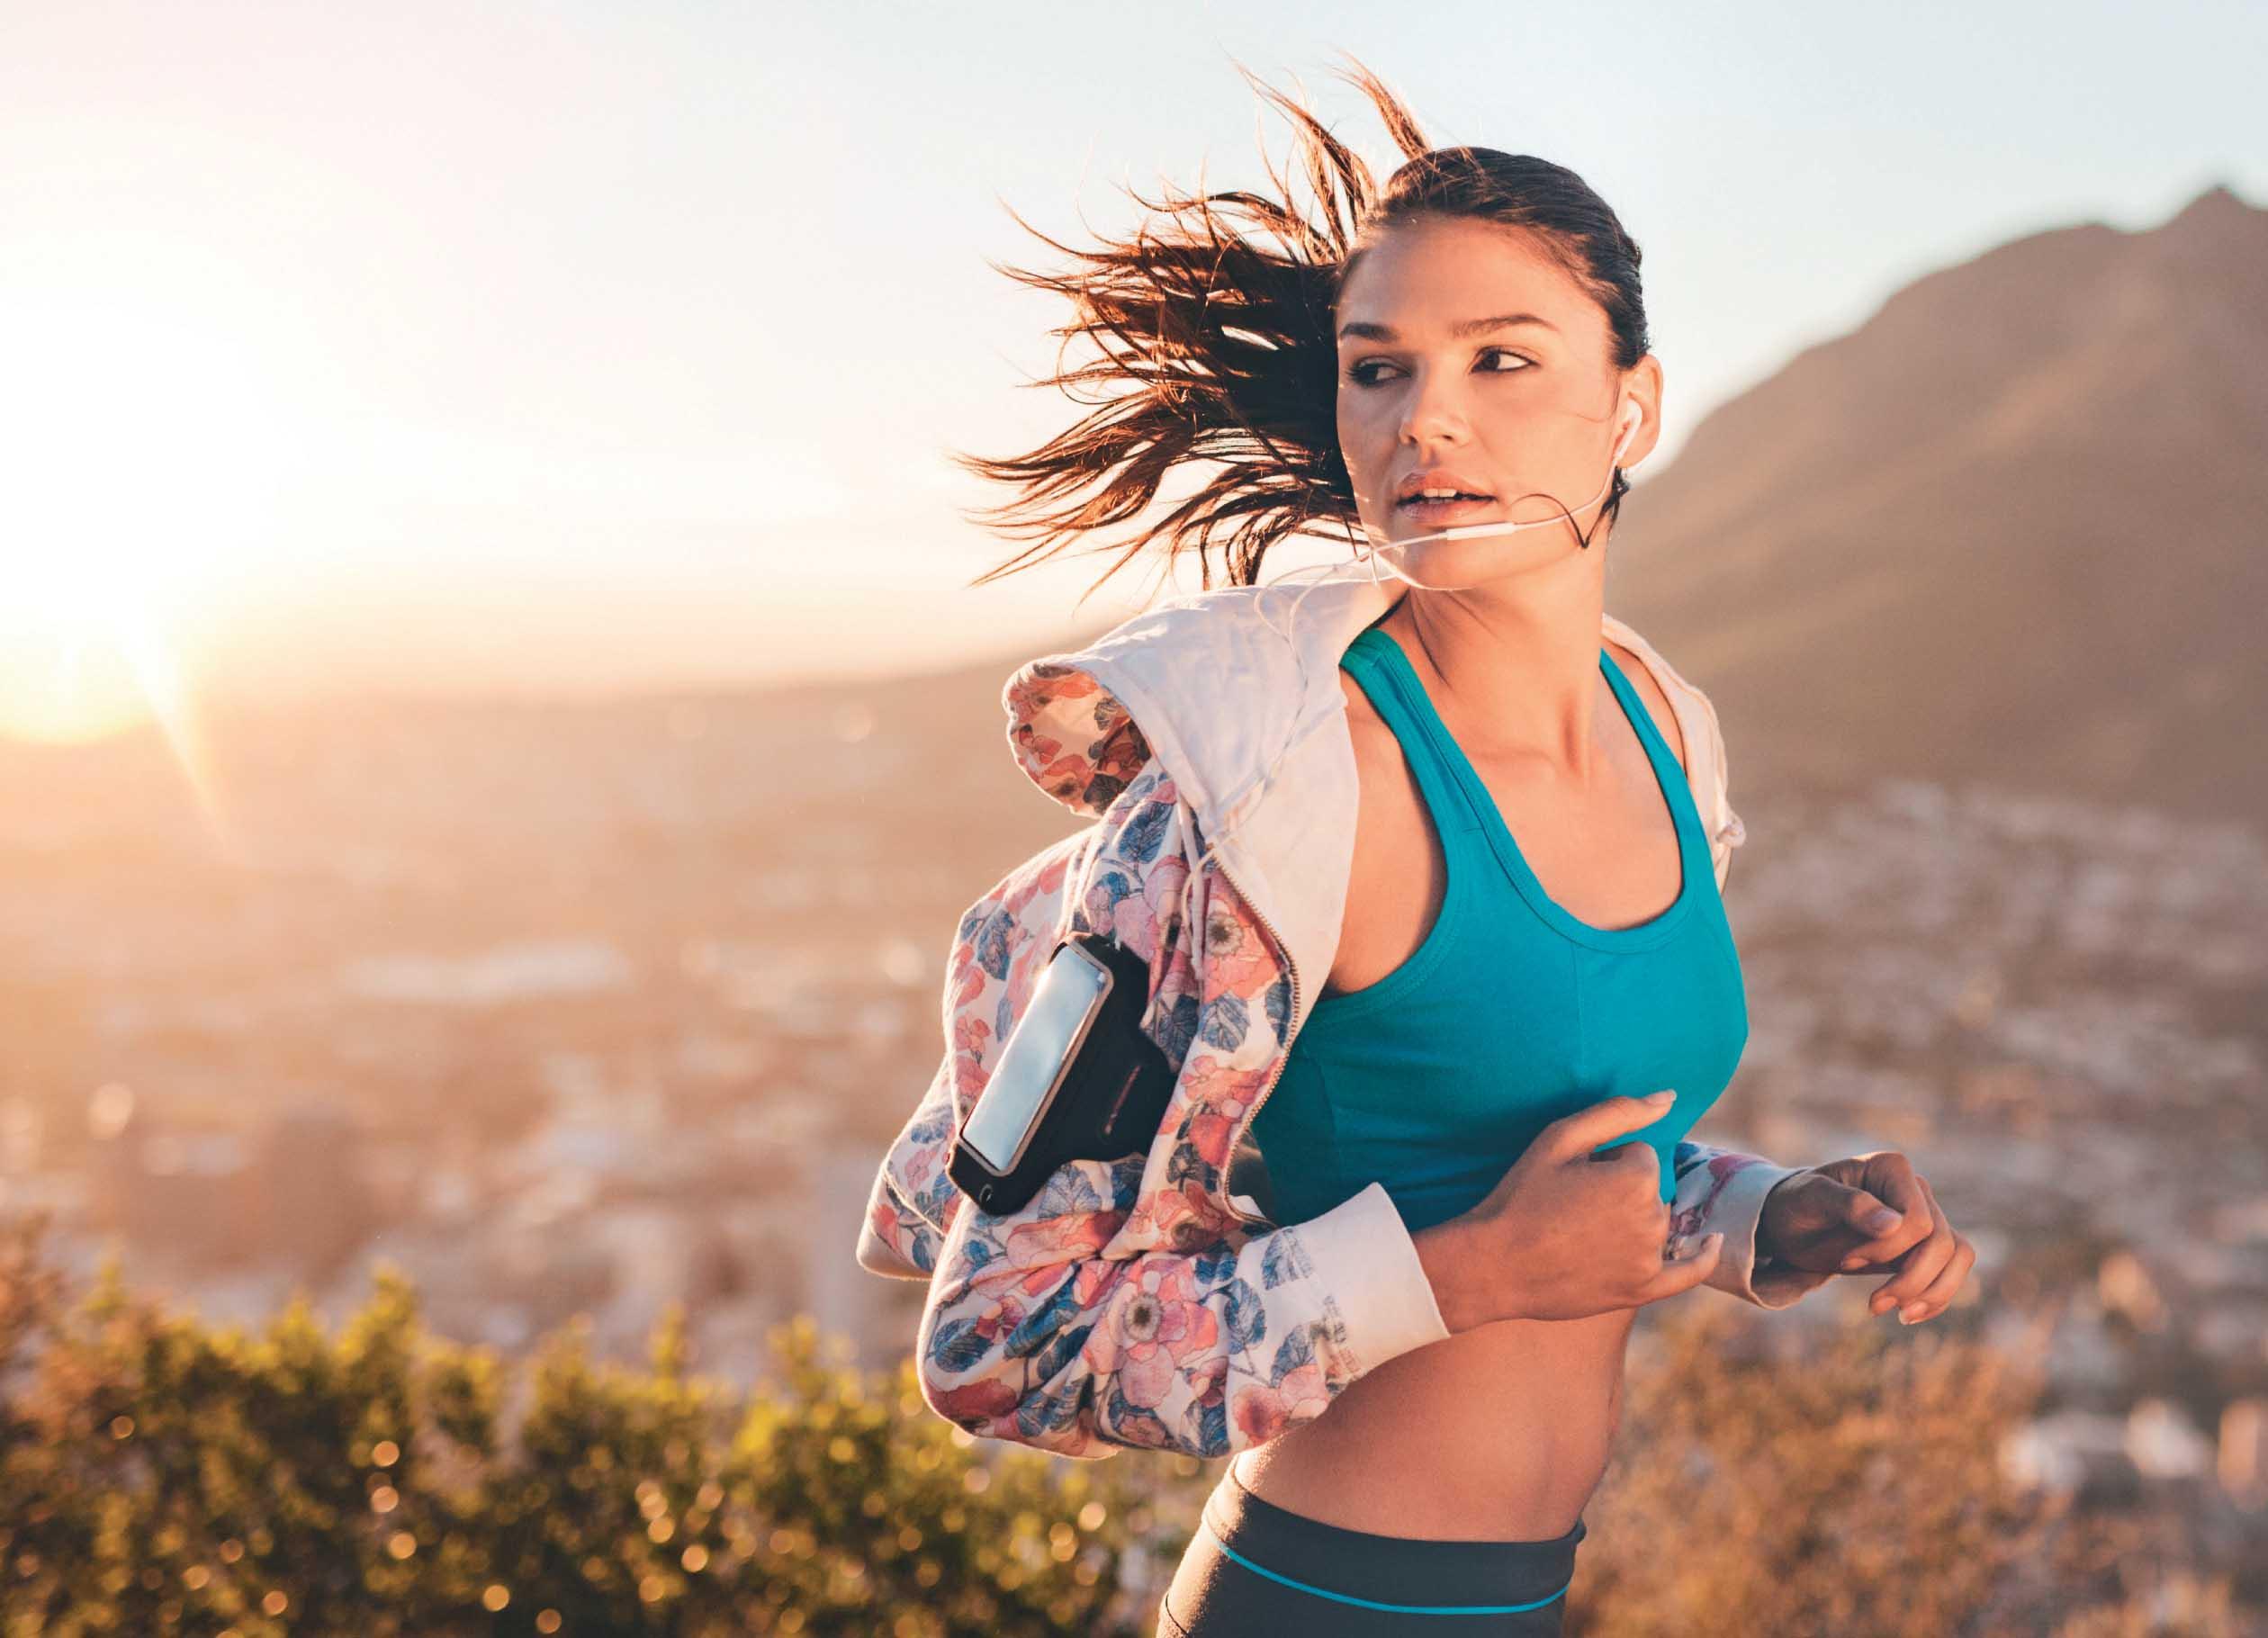 Bài tập chạy bộ giảm cân trong 1 tuần